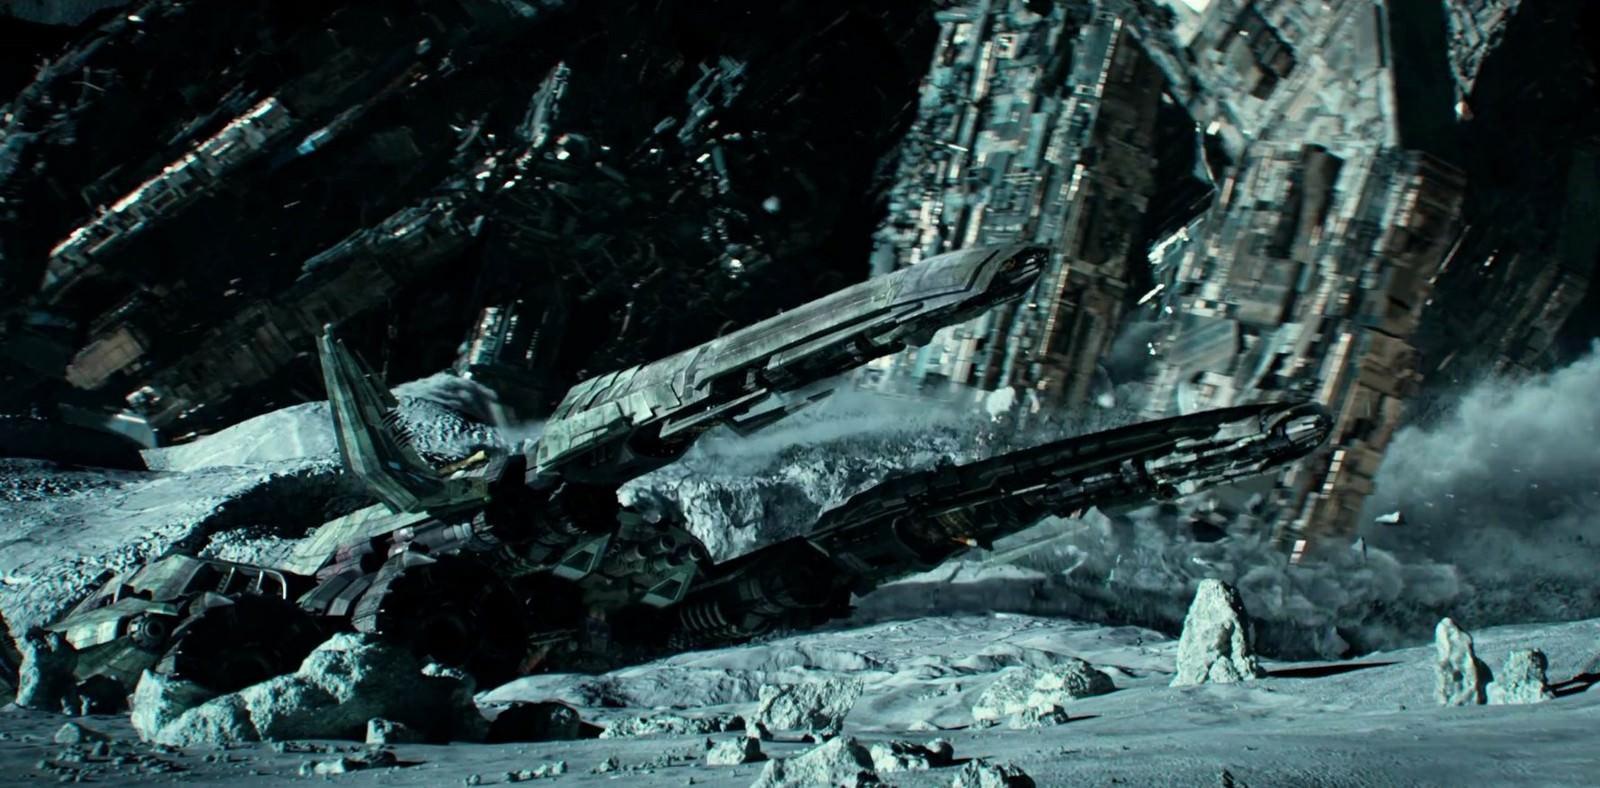 Movie, Transformers: The Last Knight(美國, 2017年) / 變形金剛5:最終騎士(台灣) / 变形金刚5:最后的骑士(中國) / 變形金剛:終極戰士(香港), 電影畫面